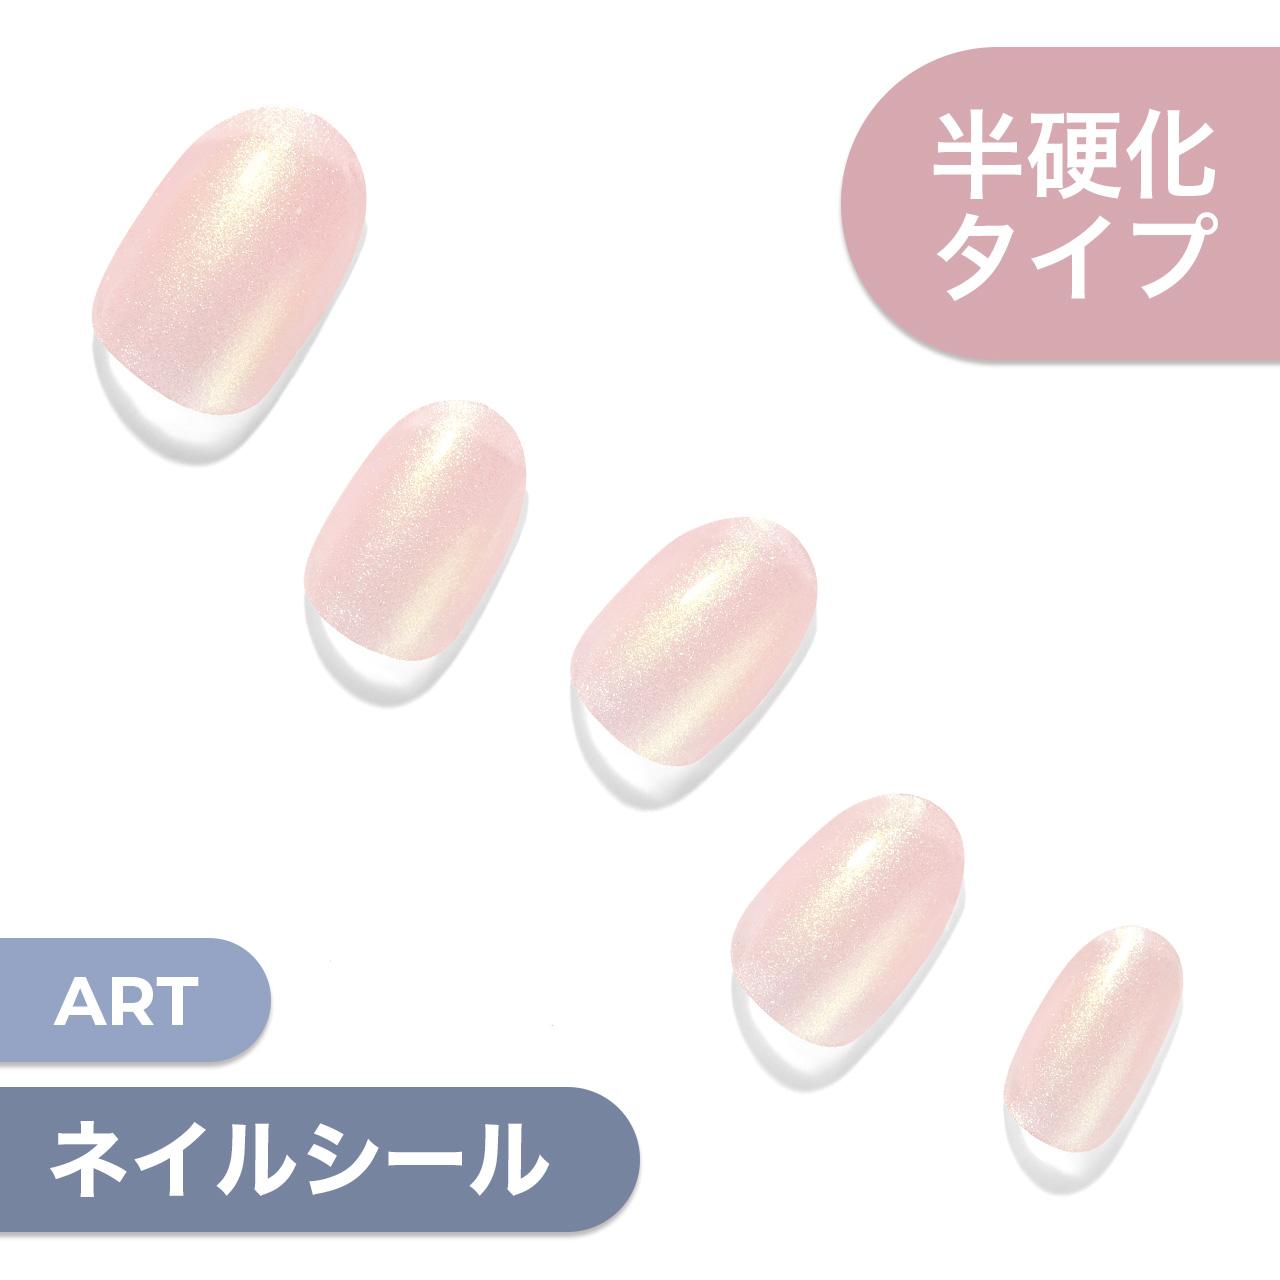 【Pink Space】ダッシングディバグレーズ